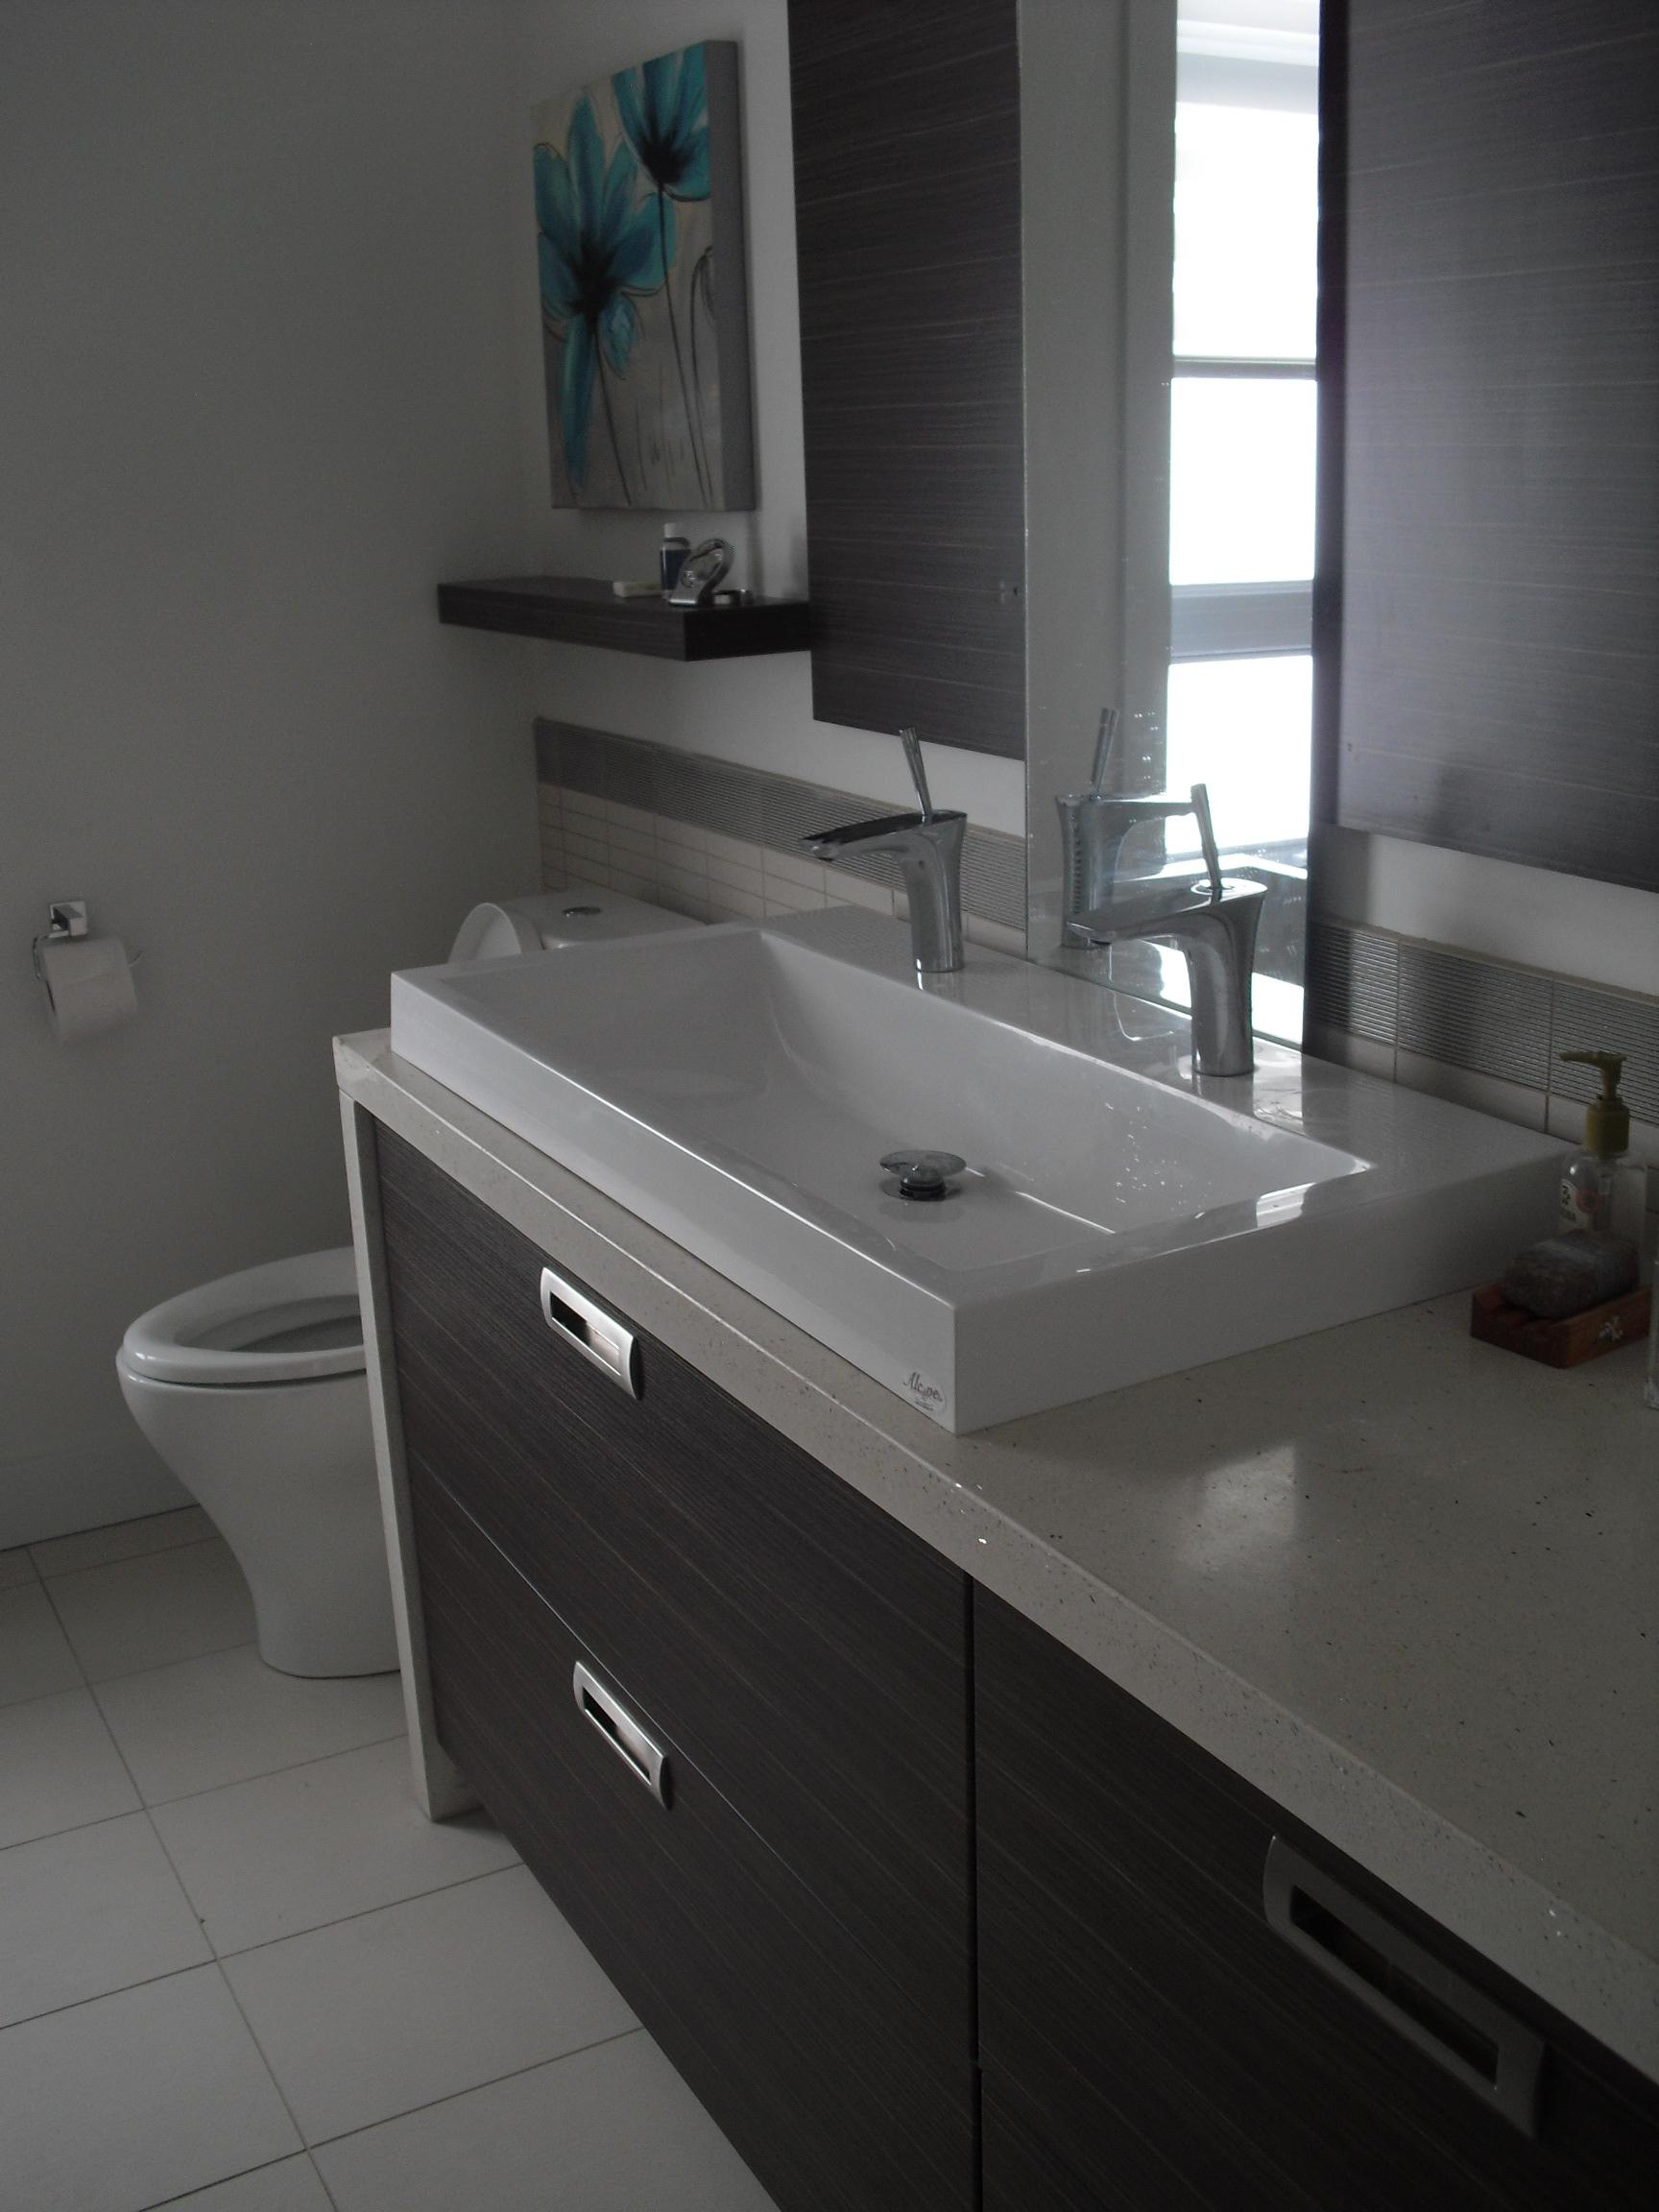 lavabo douchette pour lavabo salle bain. Black Bedroom Furniture Sets. Home Design Ideas